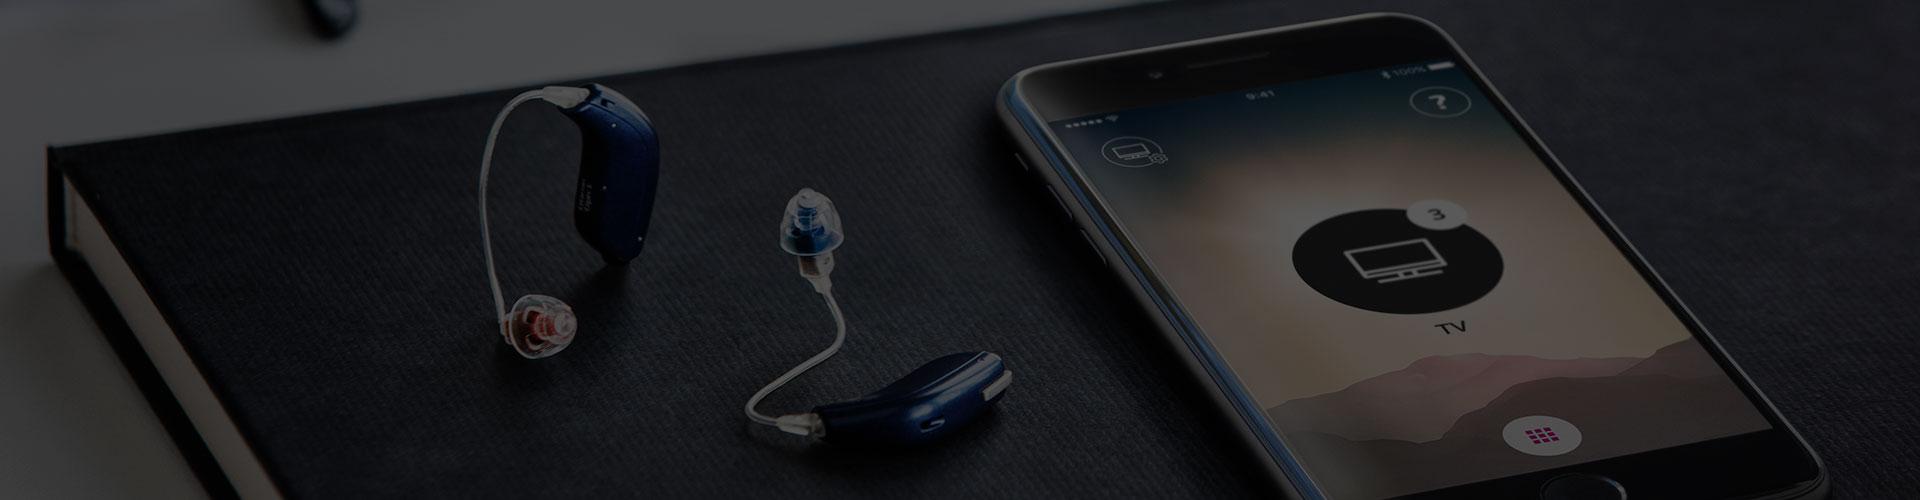 Hearing aid compatibility | Oticon